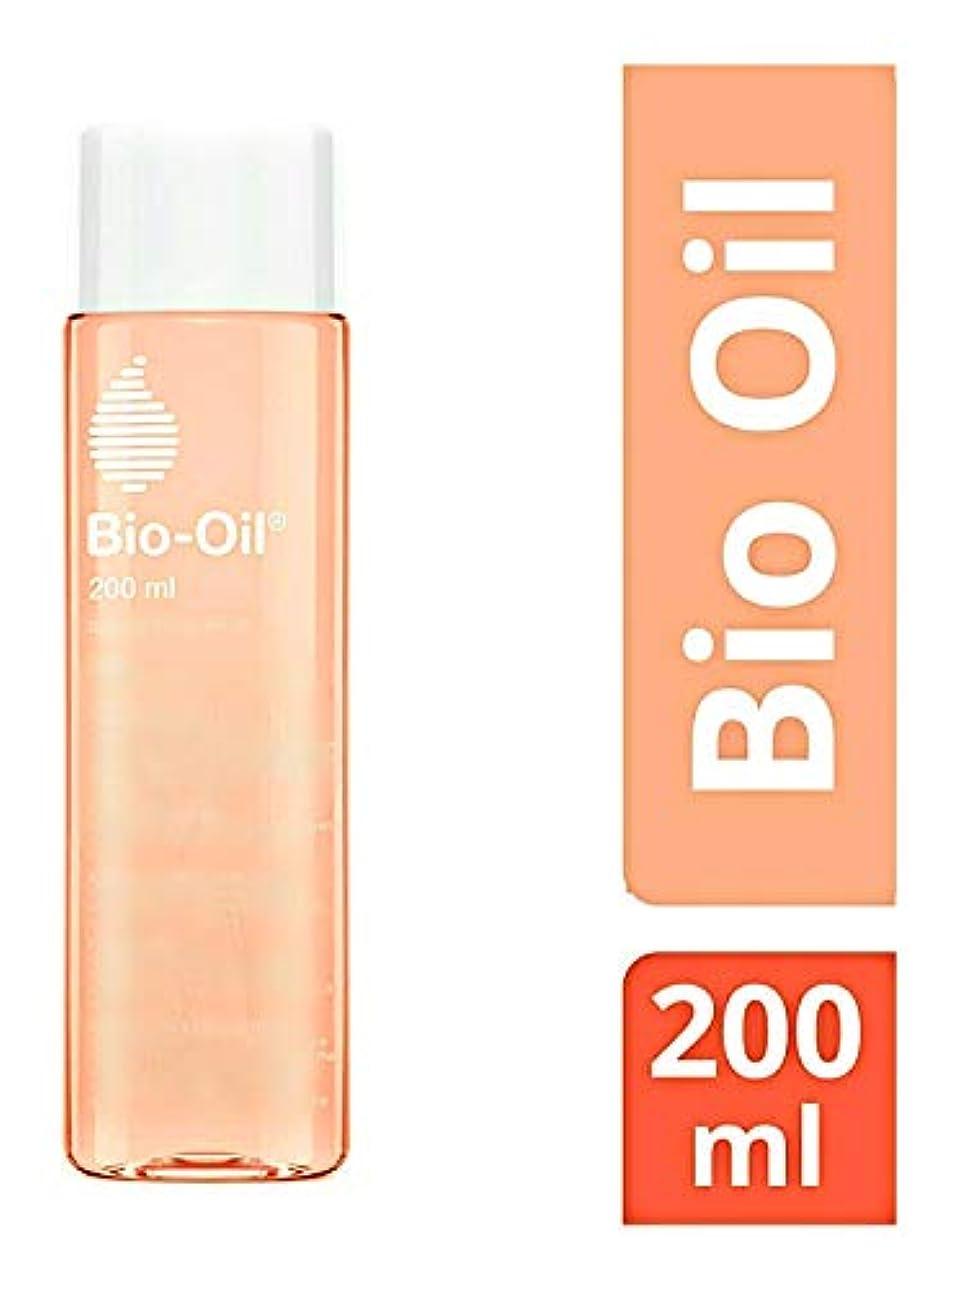 アイスクリーム振る舞う信者Bio-Oil バイオ オイル 200ml [並行輸入品]